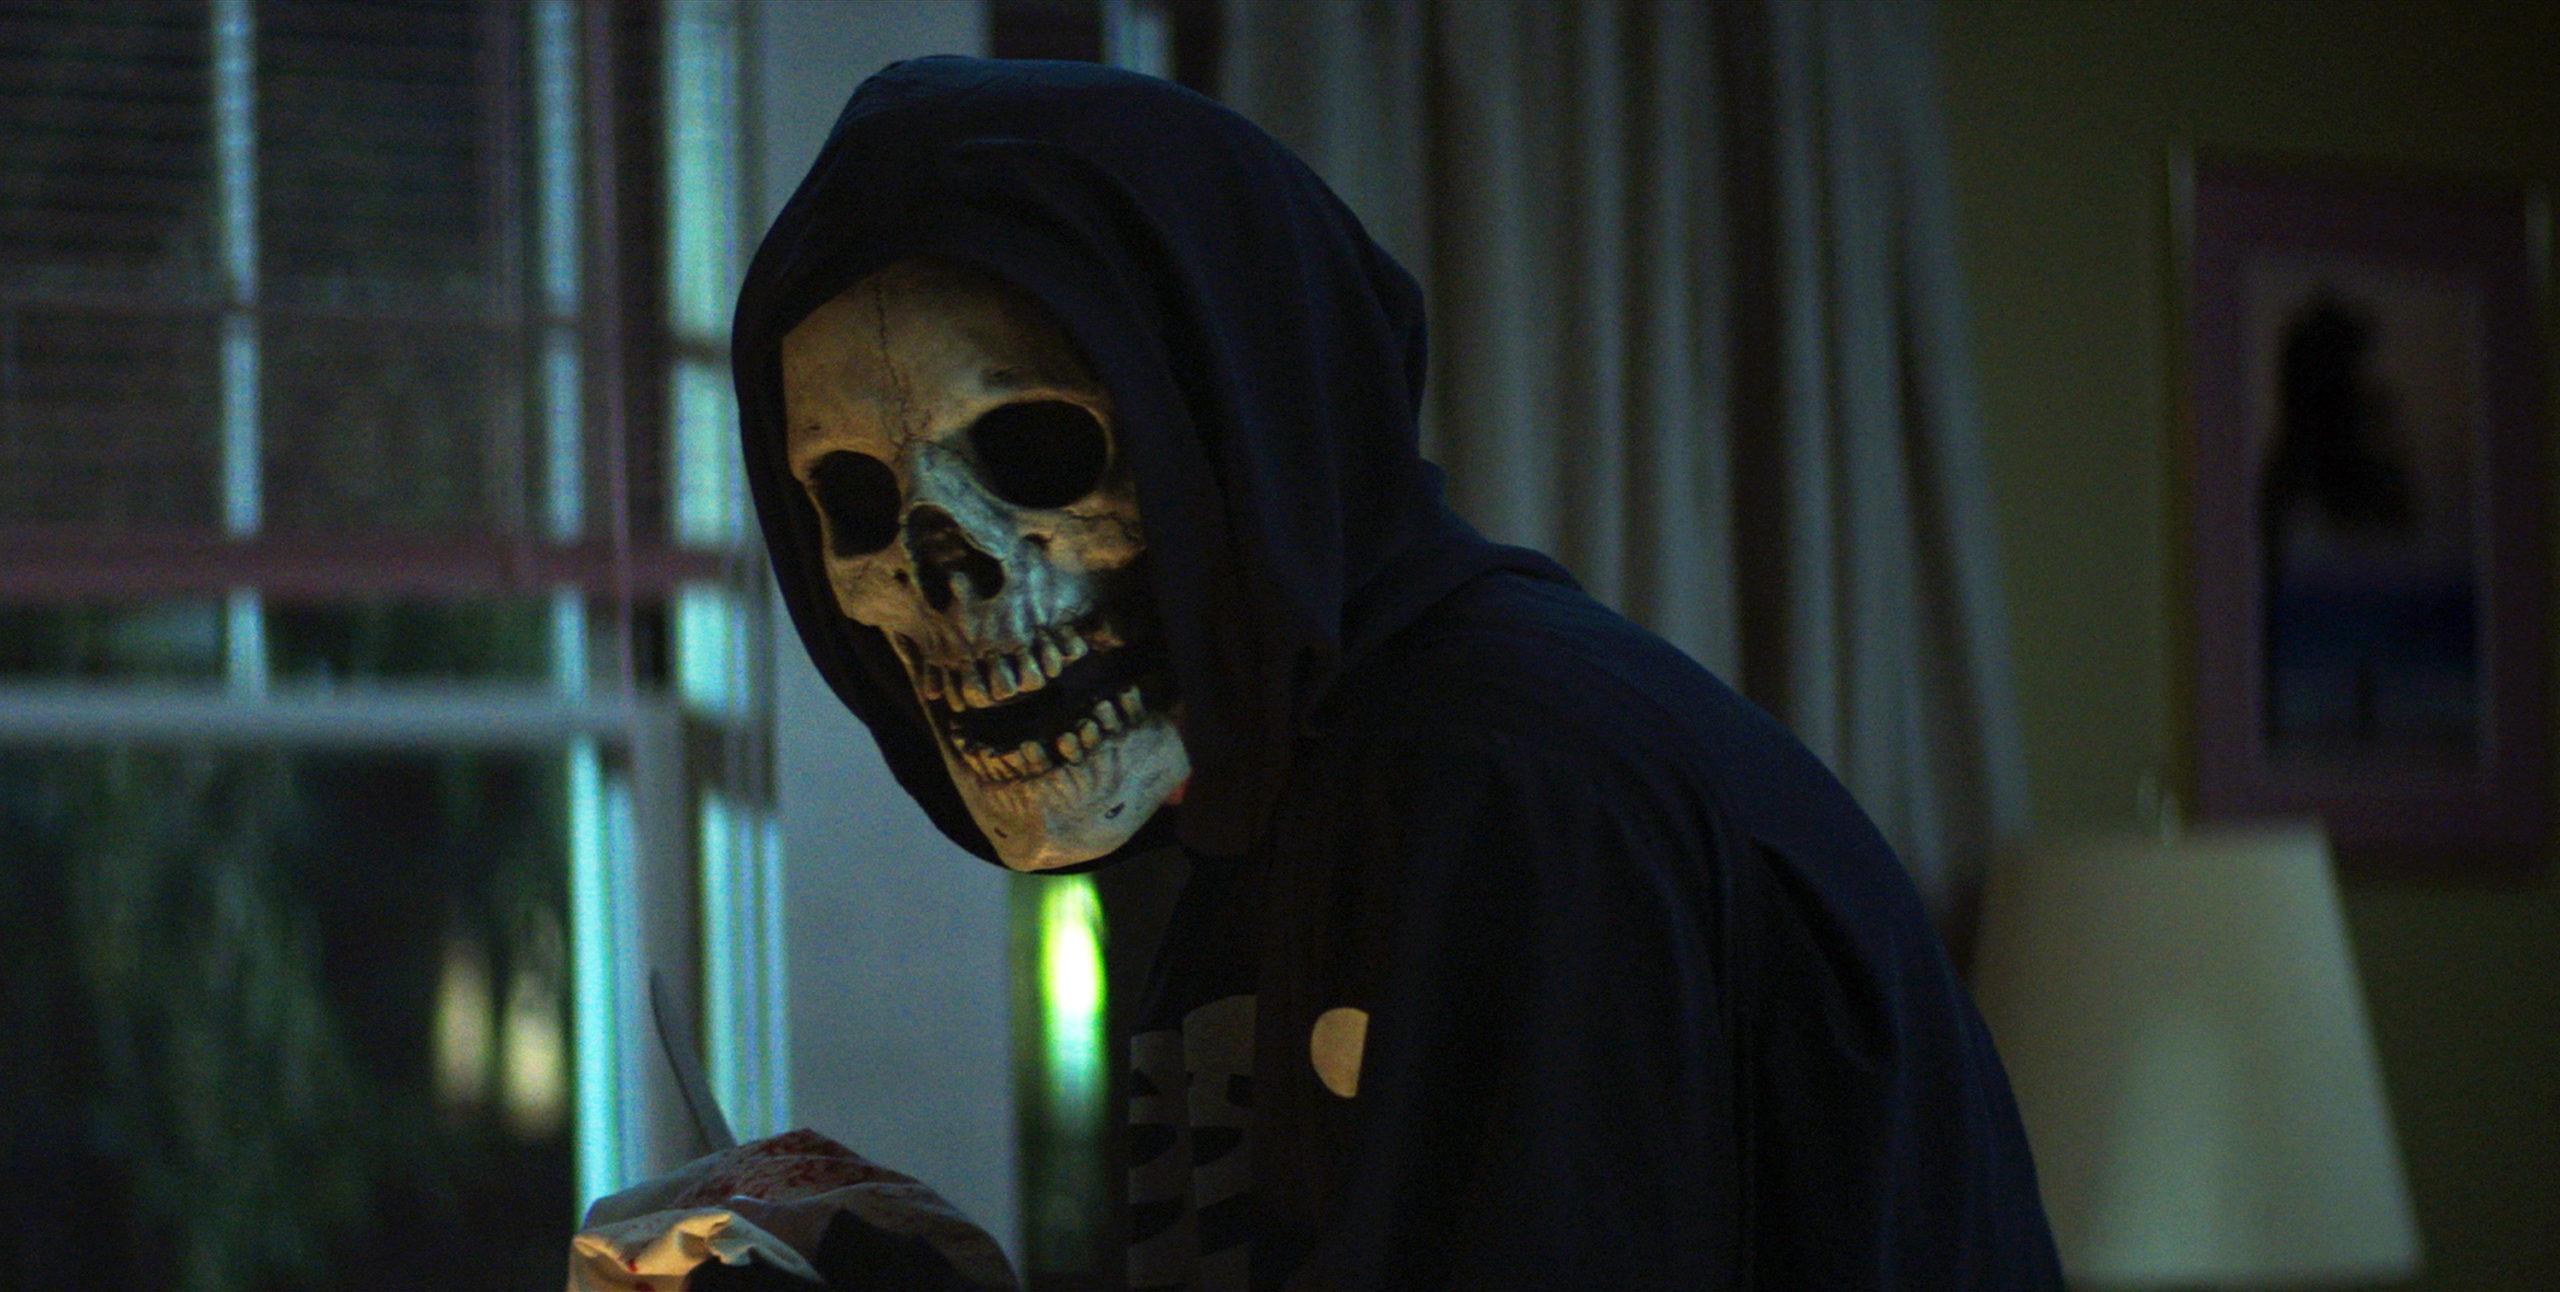 Imagem do filme Rua do Medo: 1994 - Parte 1. Na imagem vemos uma pessoa fantasiada com uma mascara de caveira e uma roupa preta com capuz. Ao fundo, vemos uma janela aberta e suas cortinas ao lado, como também um quadro rosa com uma imagem.